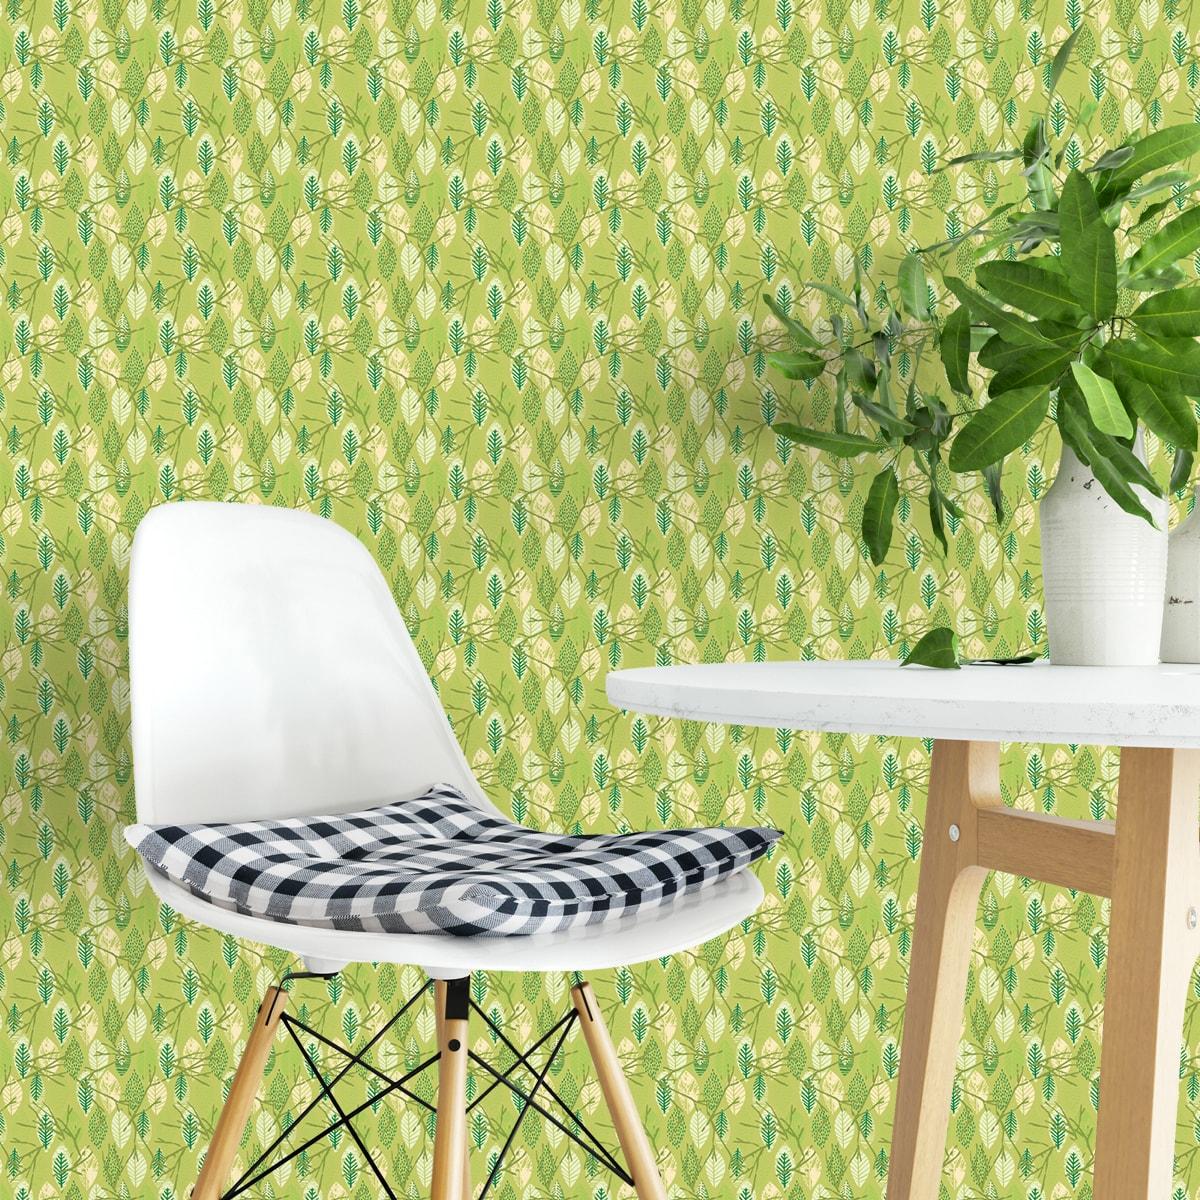 """Küchentapete erbsen grün: """"Im Blätterwald"""" - Moderne grafische Vliestapete in grün Wandgestaltung Küche"""